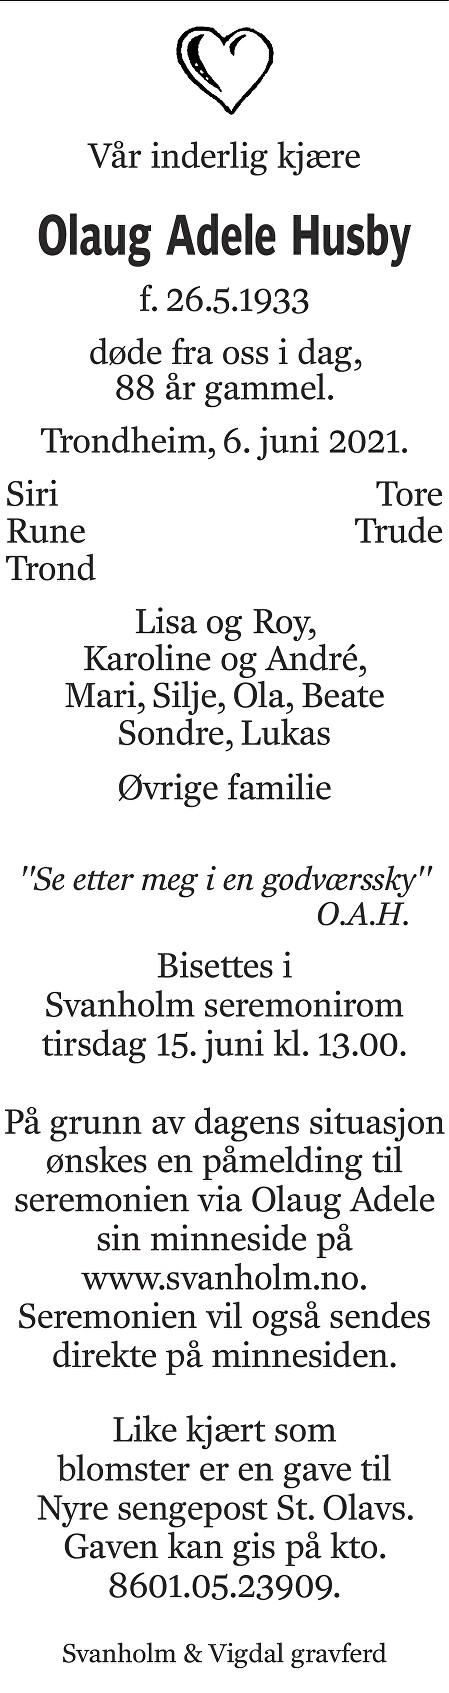 Olaug Adele Husby Dødsannonse